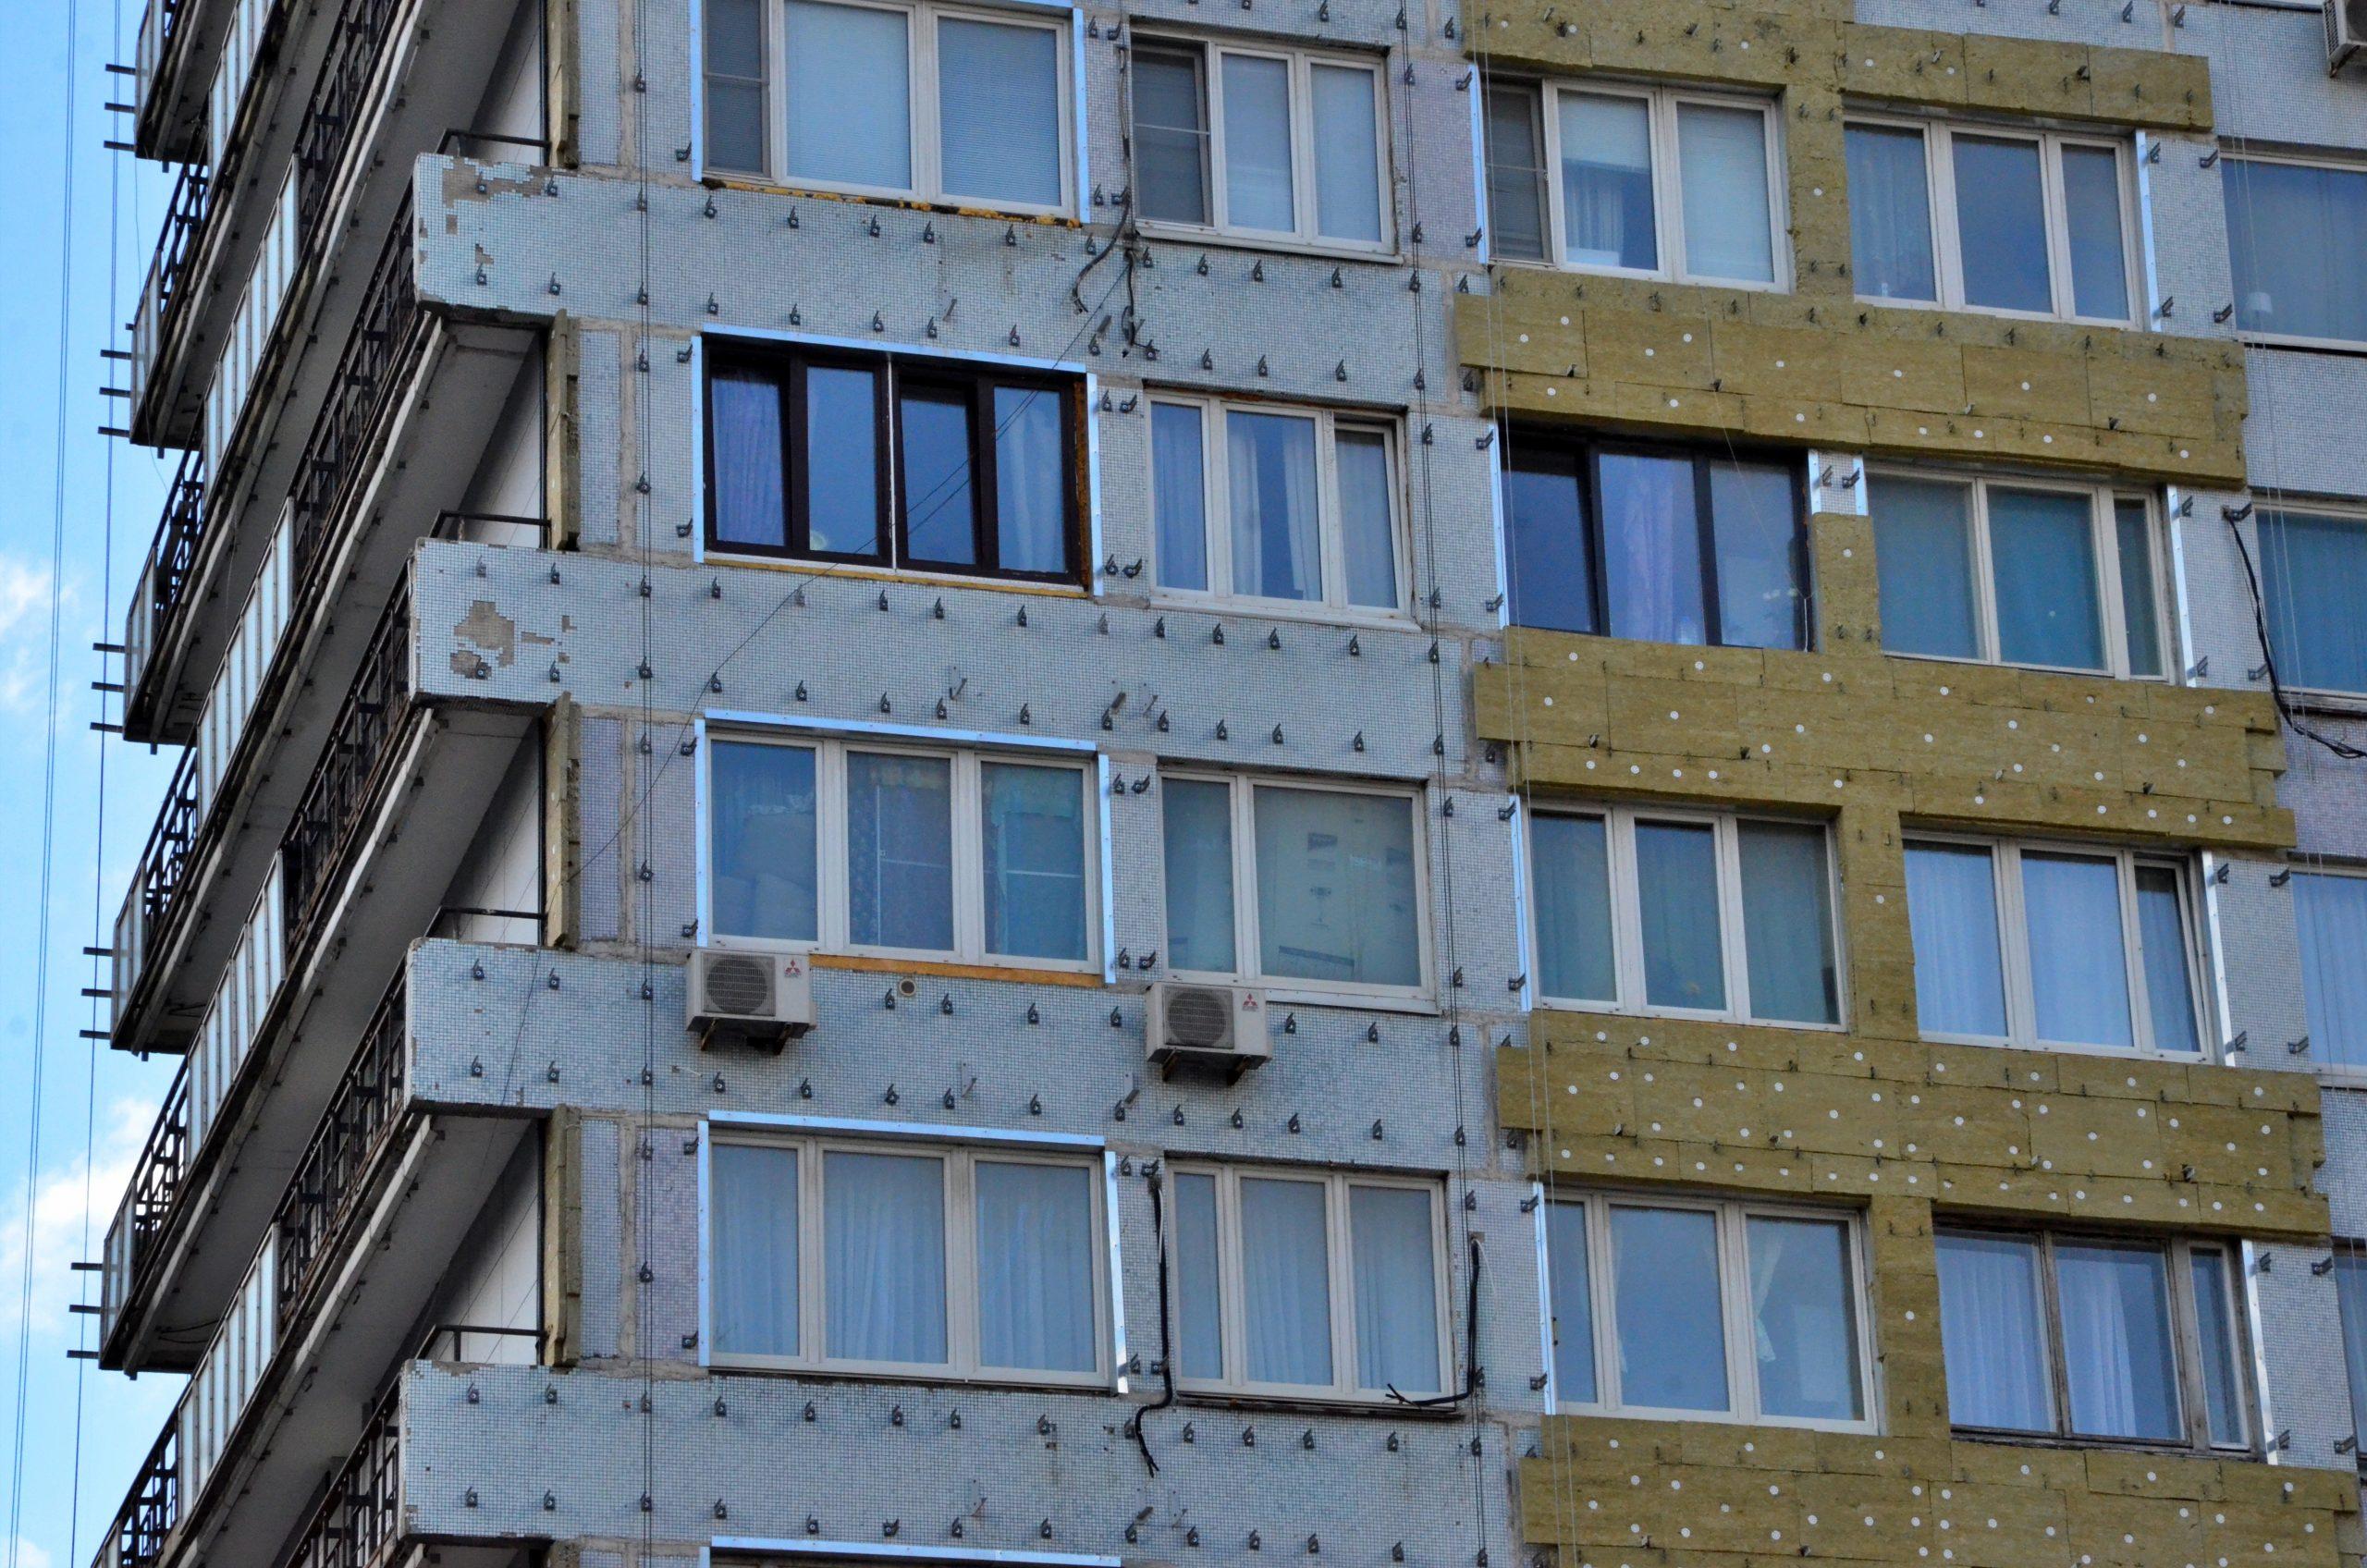 Историческое здание на Новом Арбате ждет комплексный капитальный ремонт. Фото: Анна Быкова